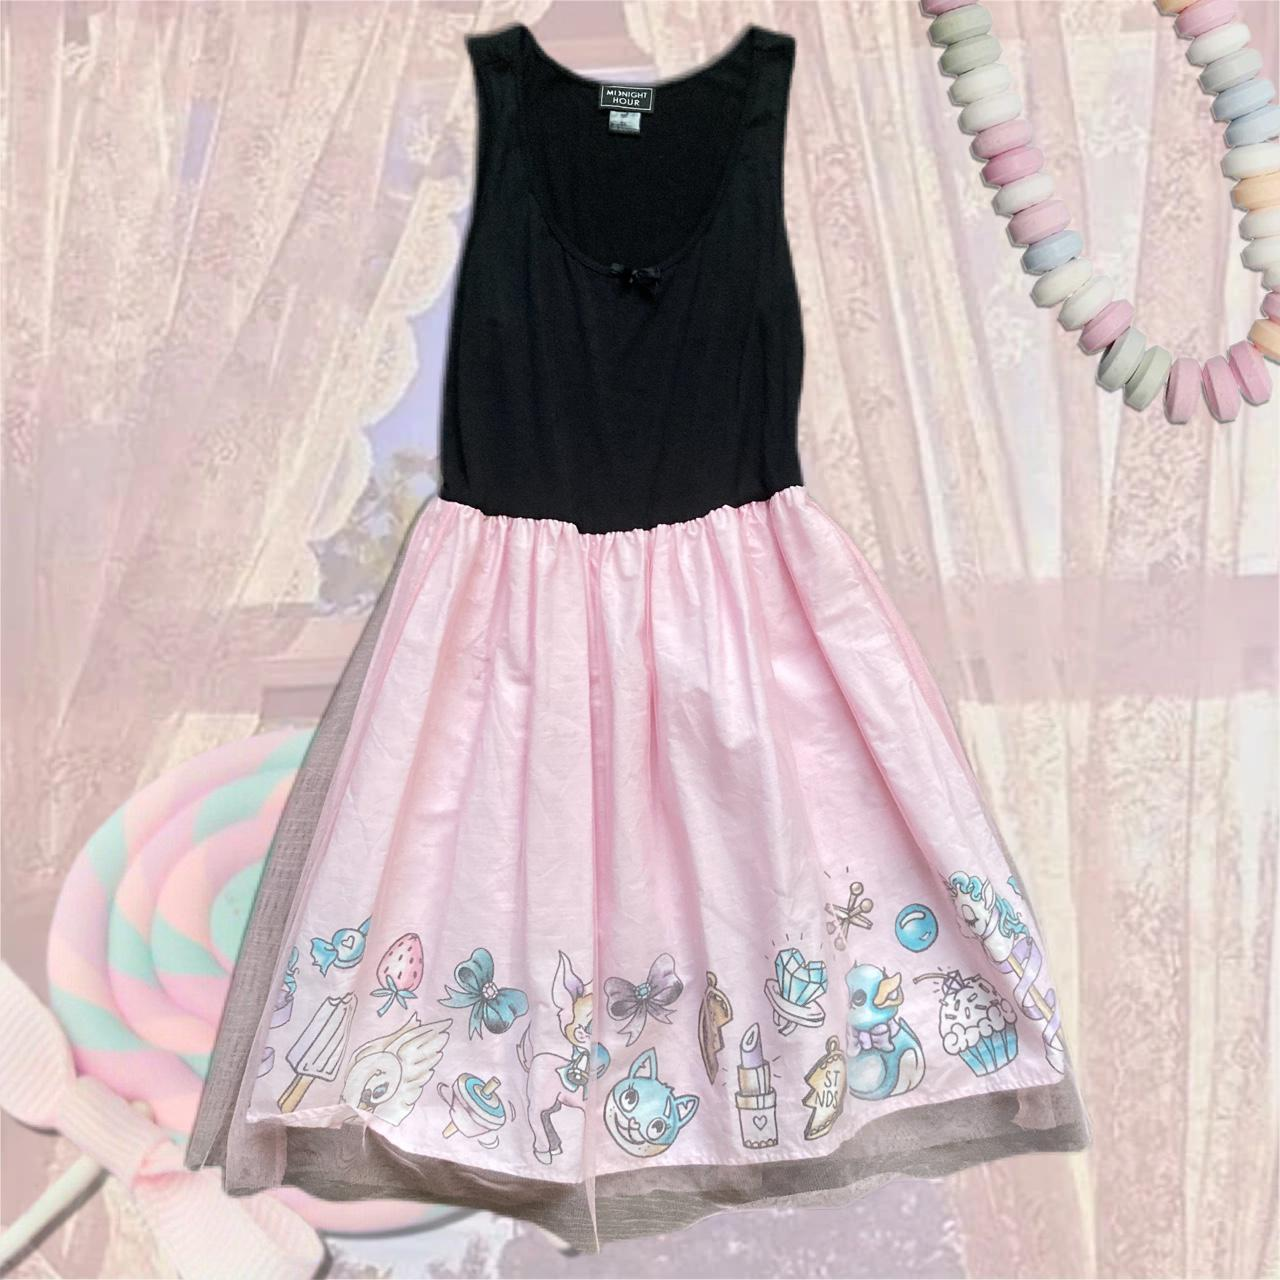 """Product Image 1 - """"Melanie Martinez"""" dress by Midnight"""